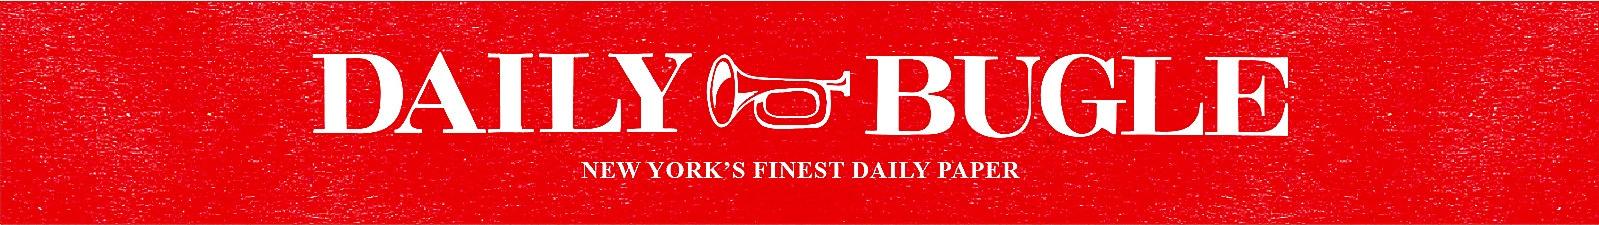 daily bugle header